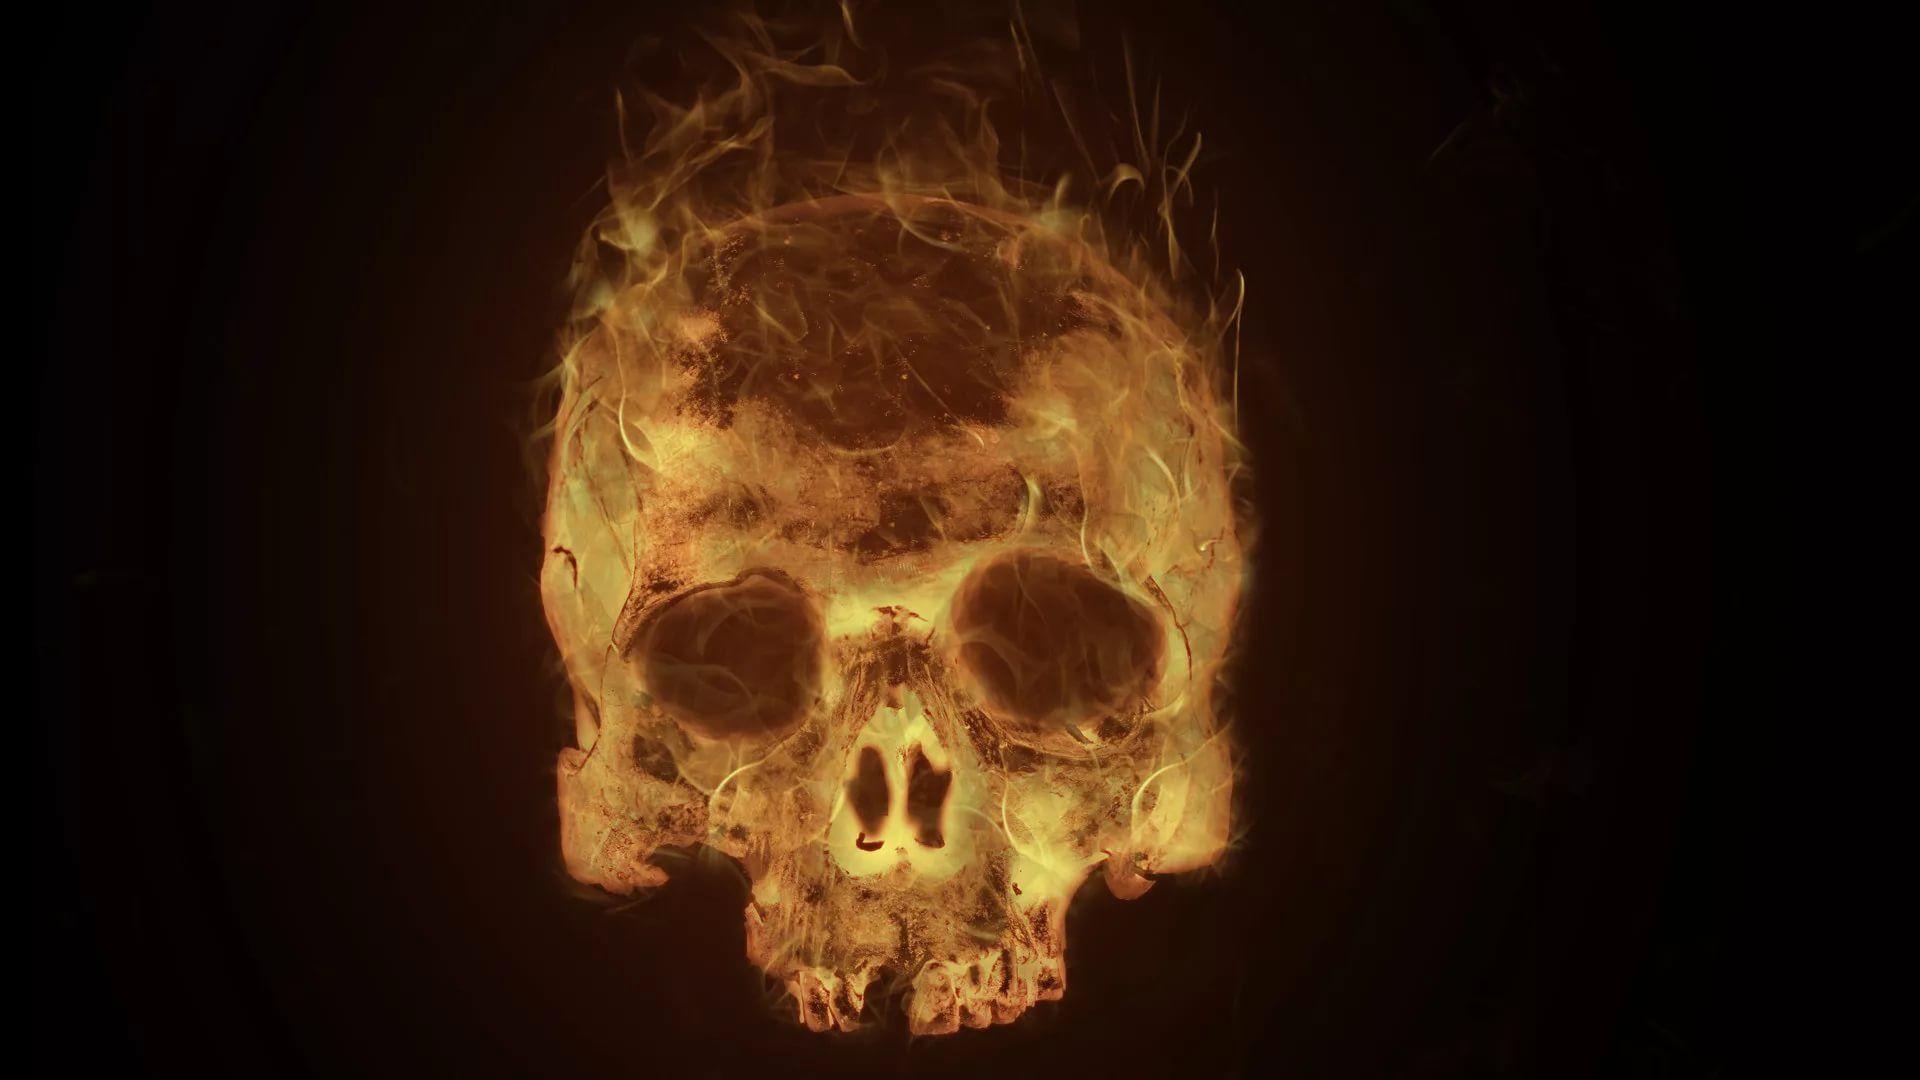 Flaming Skull PC Wallpaper